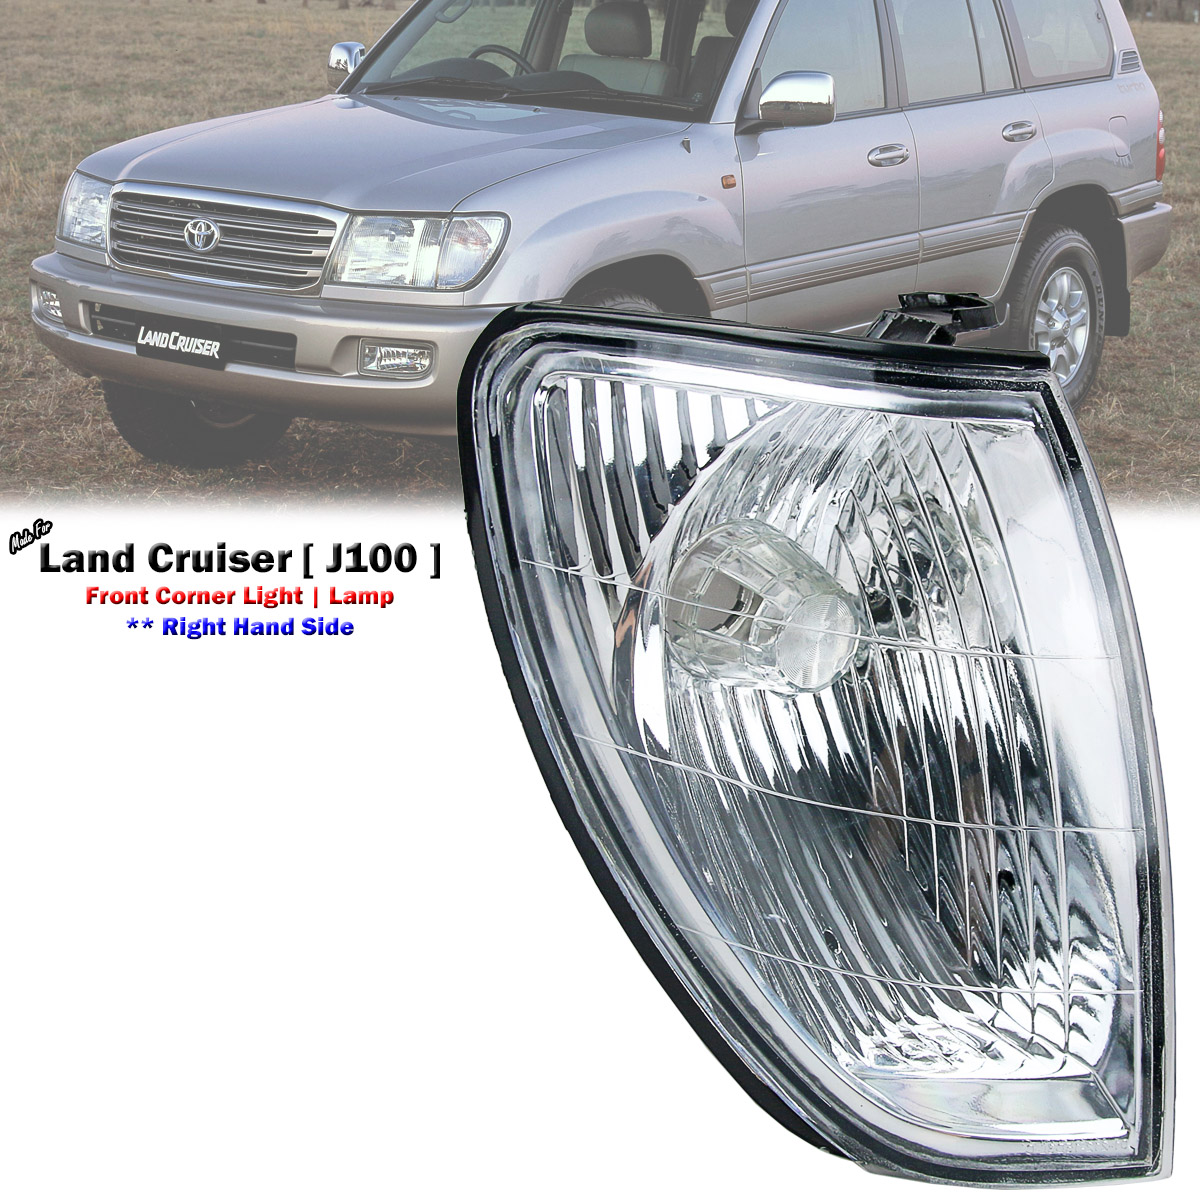 Front Right Corner Light Lamp For Toyota Land Cruiser 100 UZJ100 1998-05 NEW